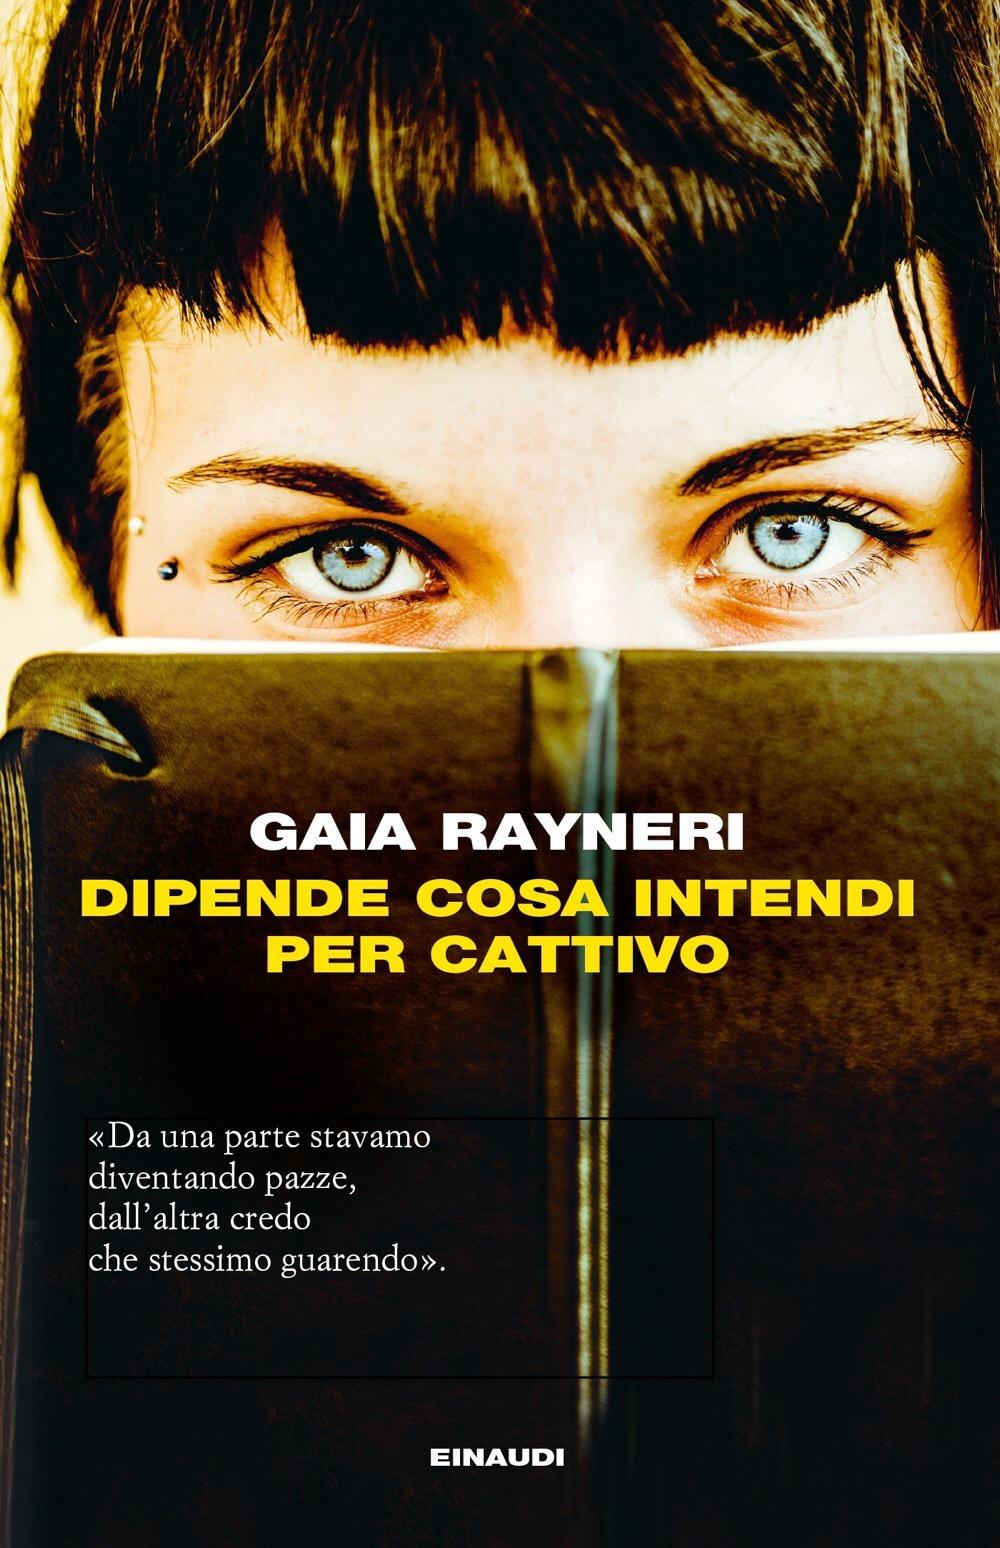 Dipende cosa intendi per cattivo – Gaia Rayneri